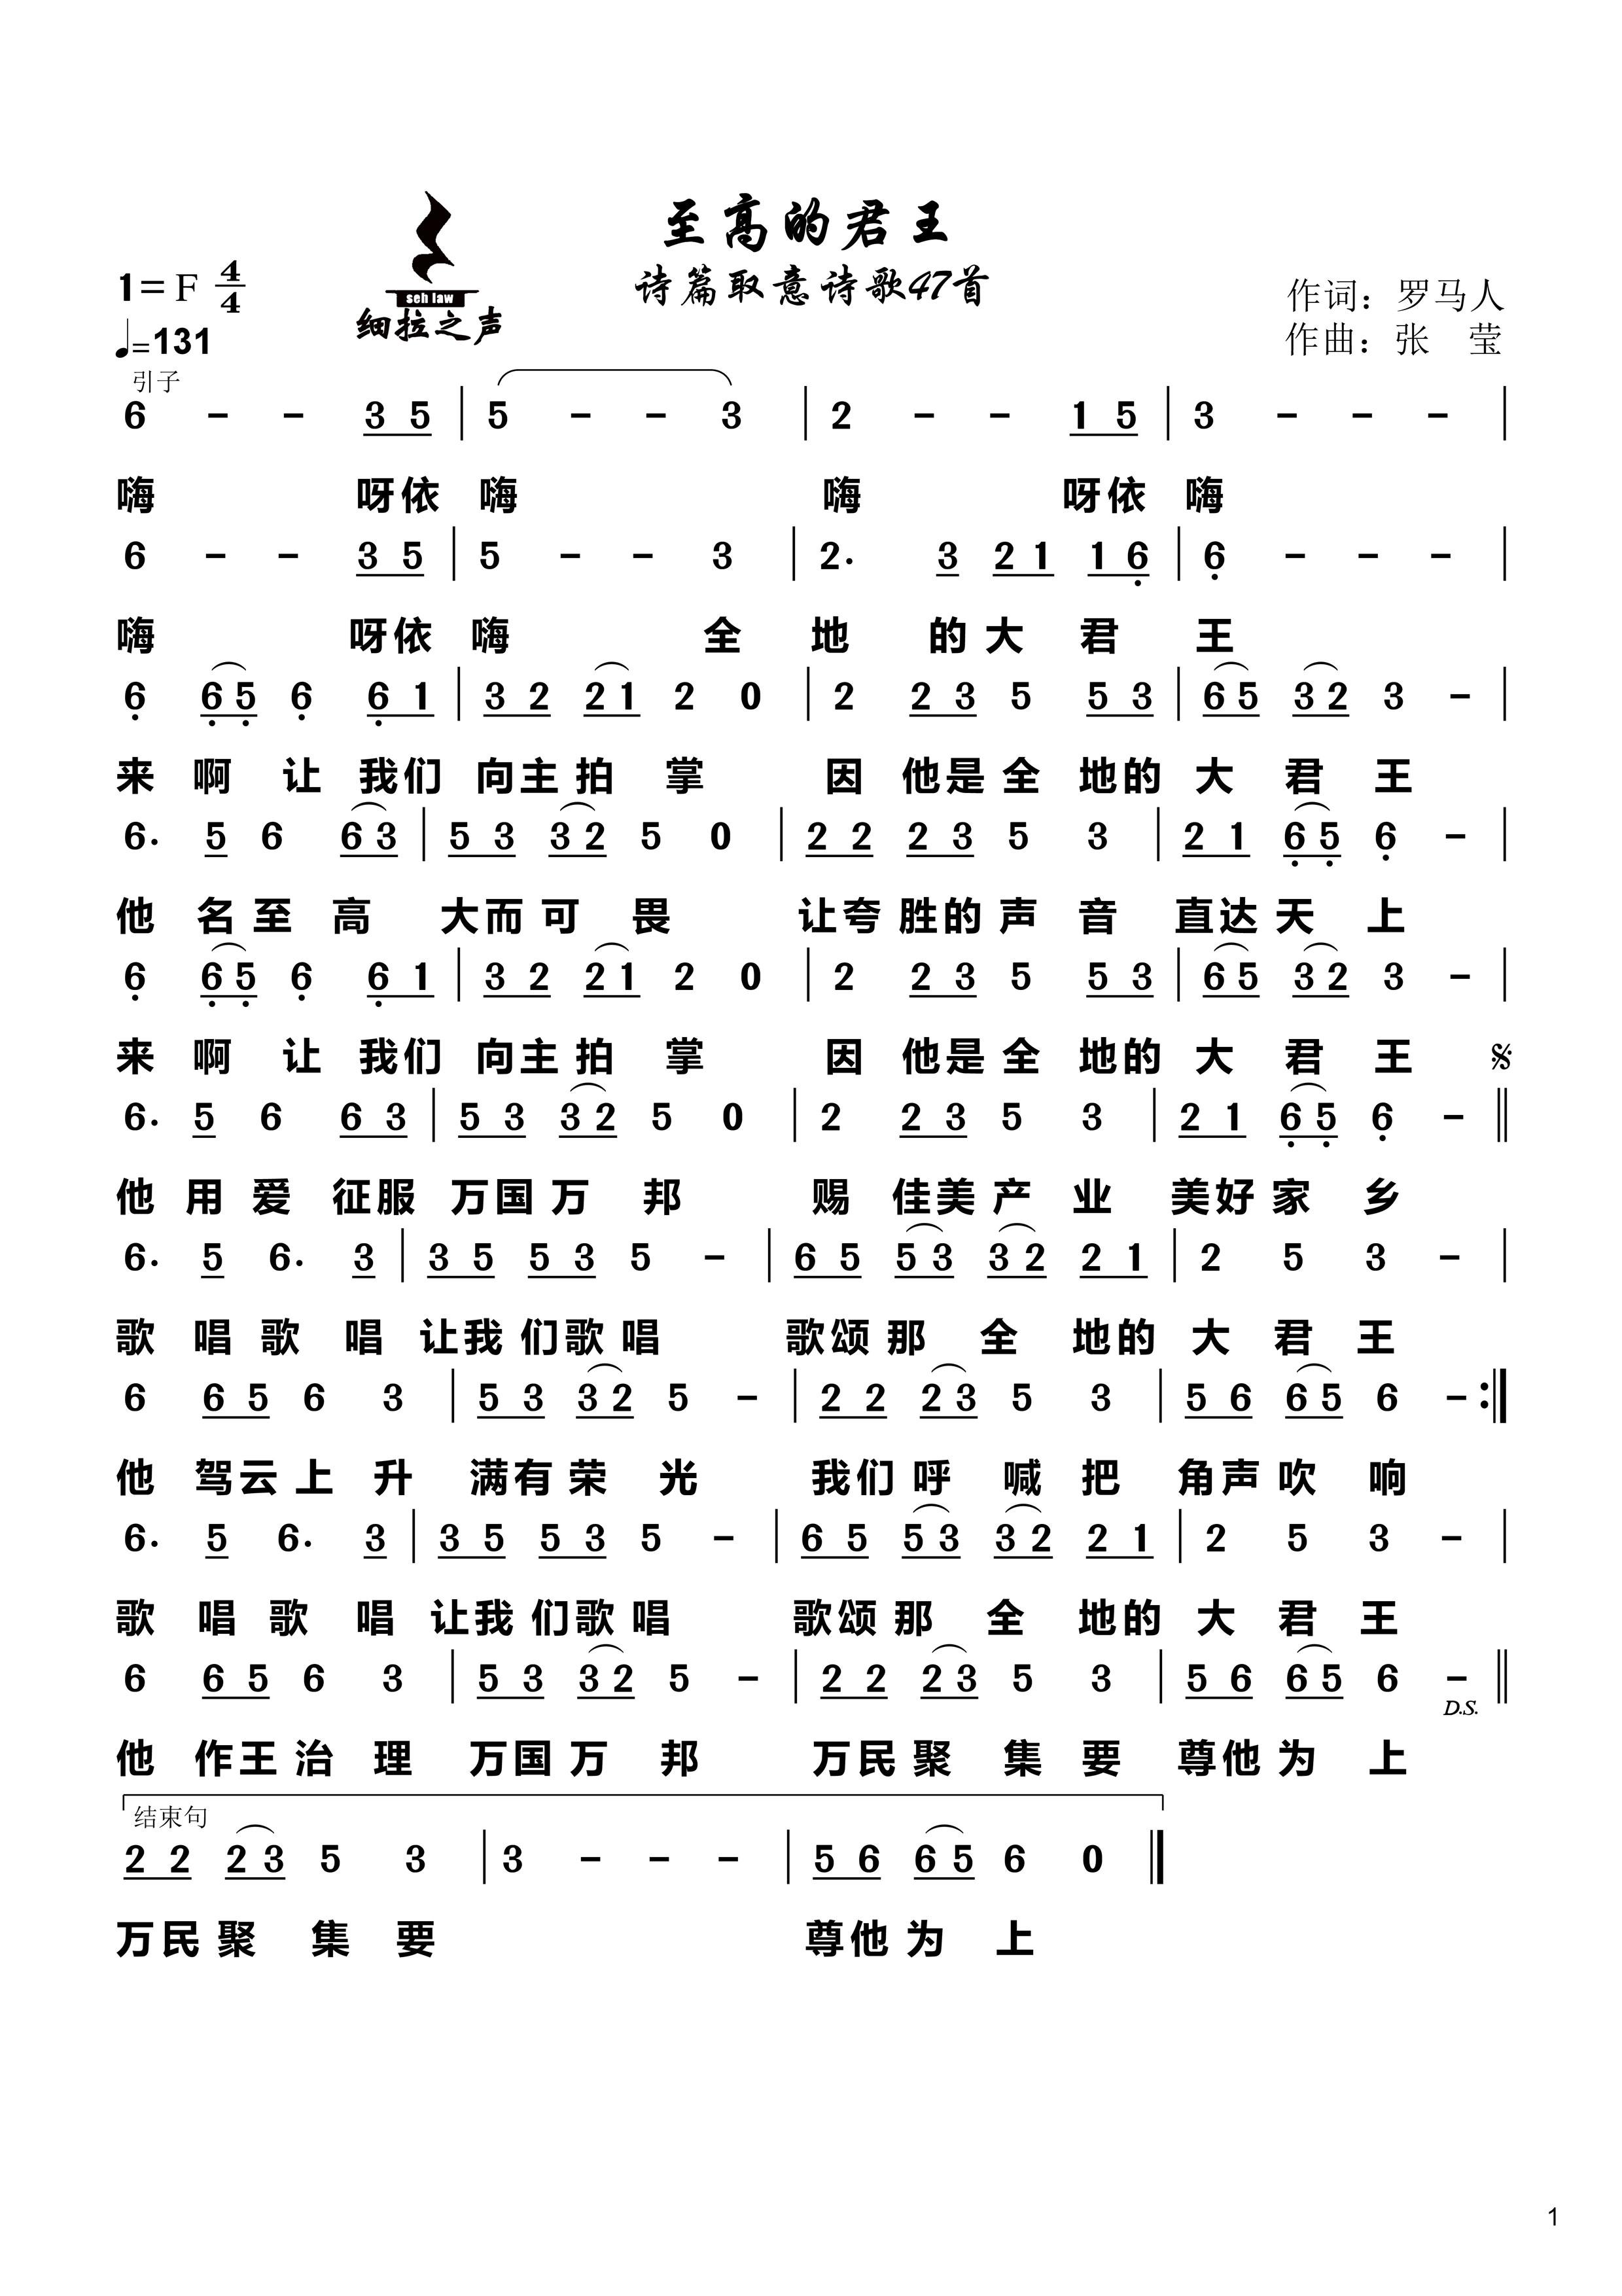 《至高的君王 官方简谱》